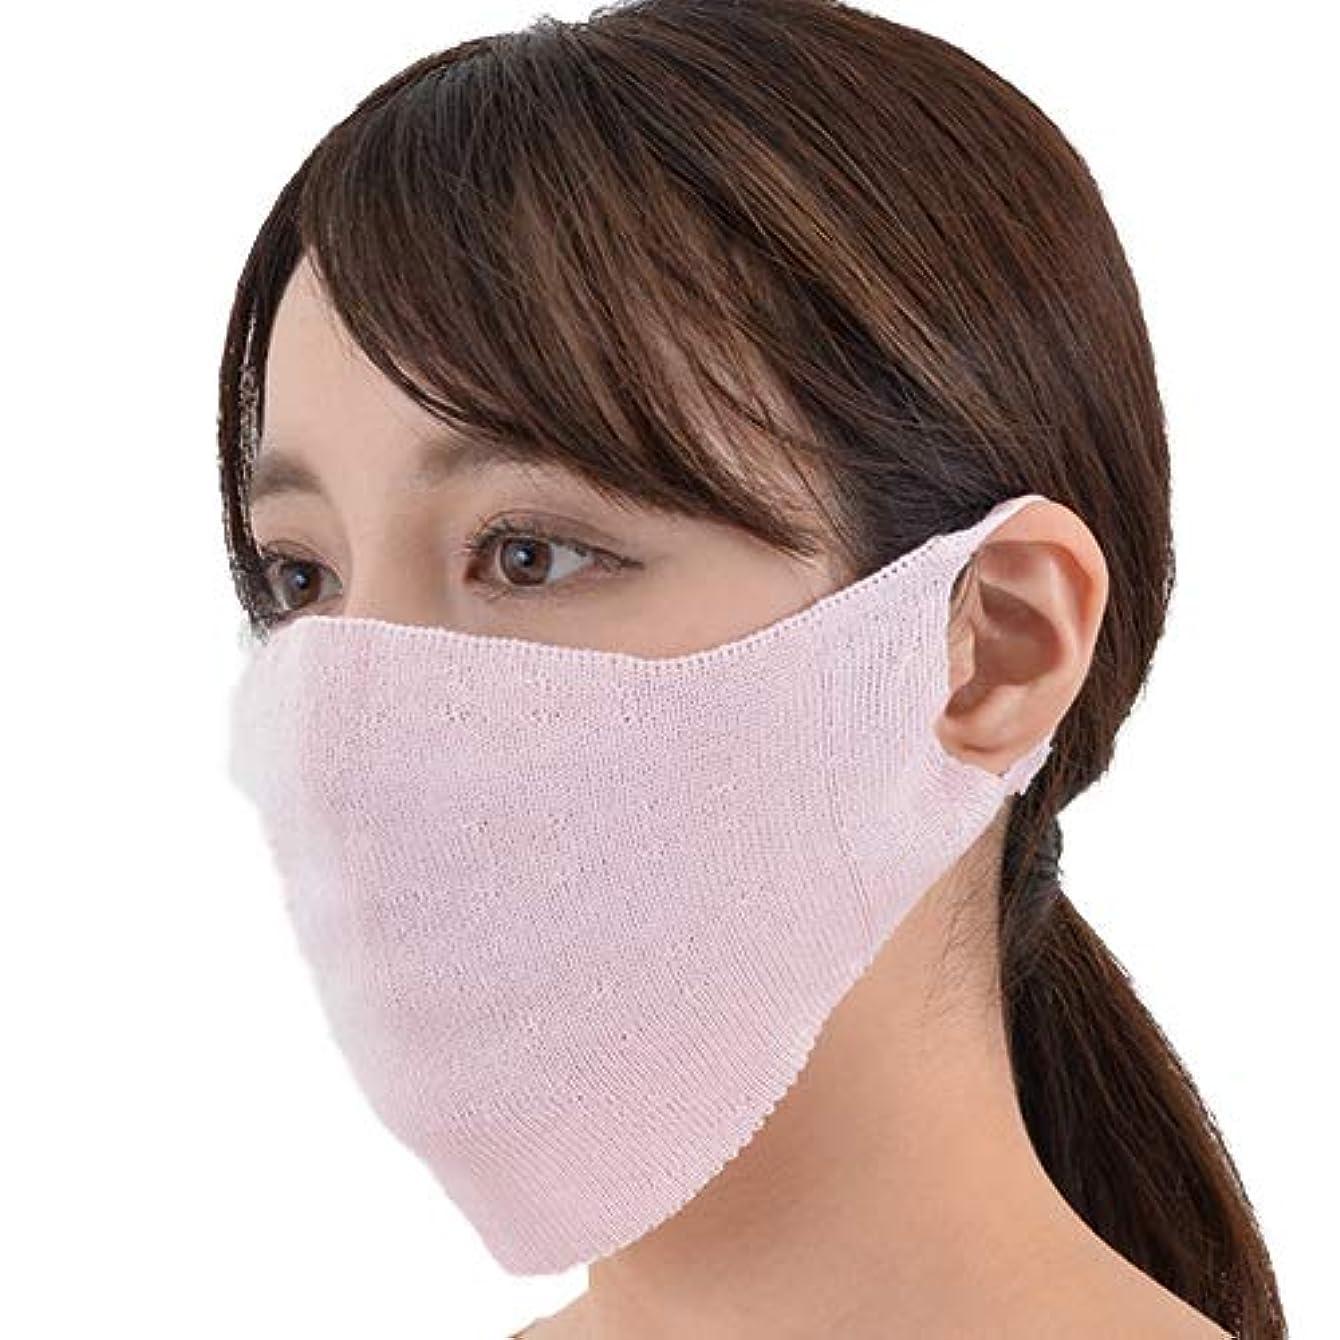 【SILK100%】無縫製 保湿マスク シルク100% ホールガーメント® 日本製 工場直販 (ピンク)(4045-7188)